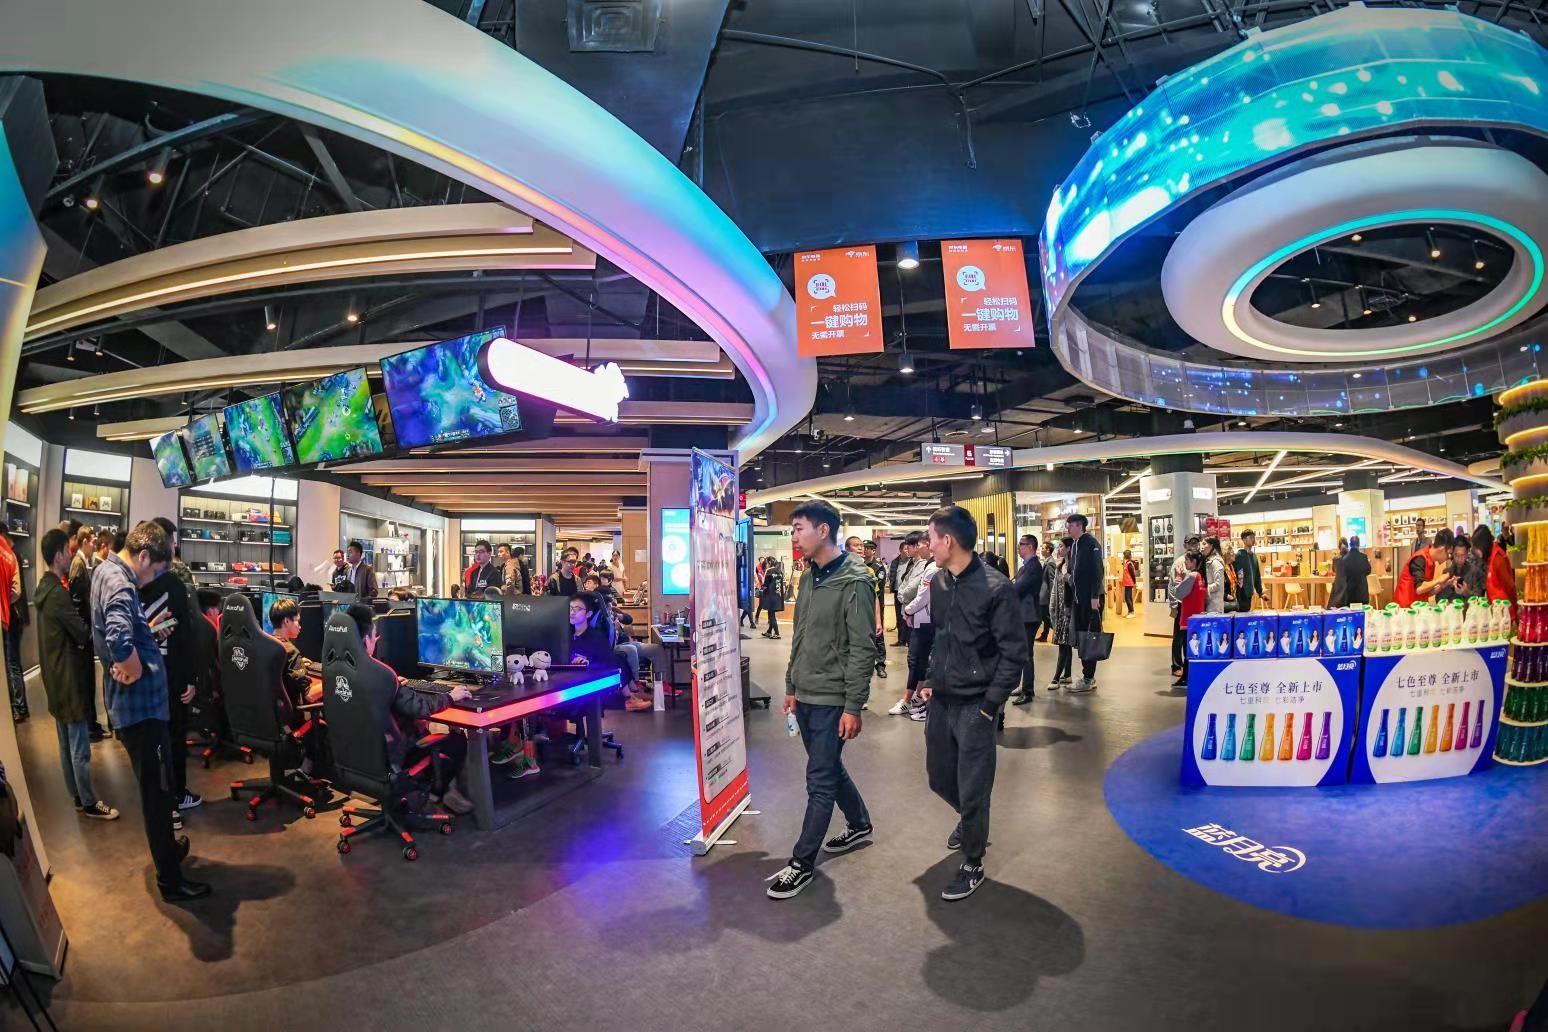 年货买家电成潮流  全球最大电器体验店京东超体揭示新趋势